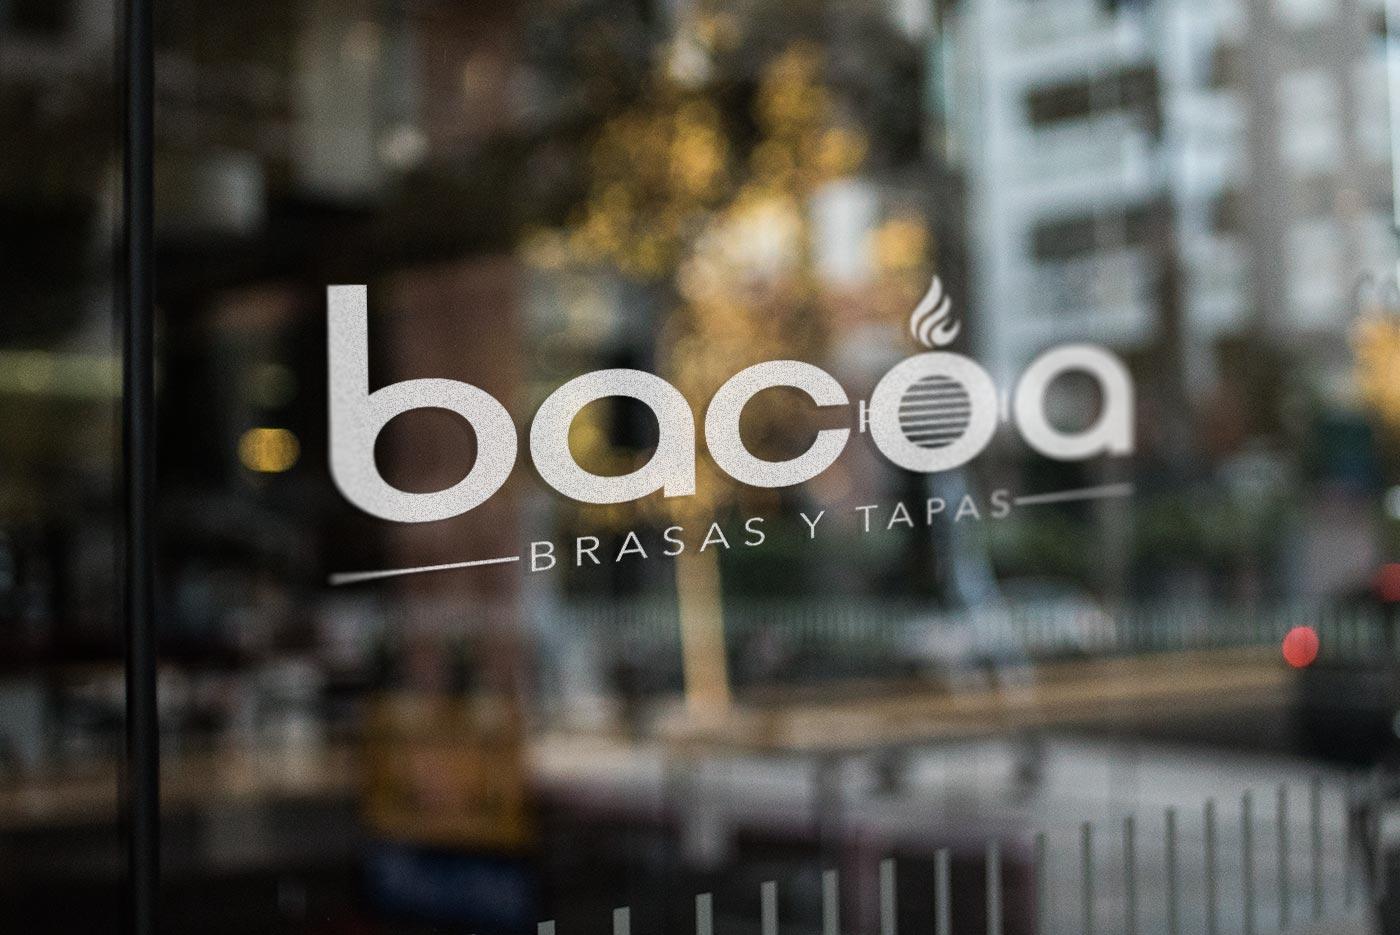 Bacoa-logo